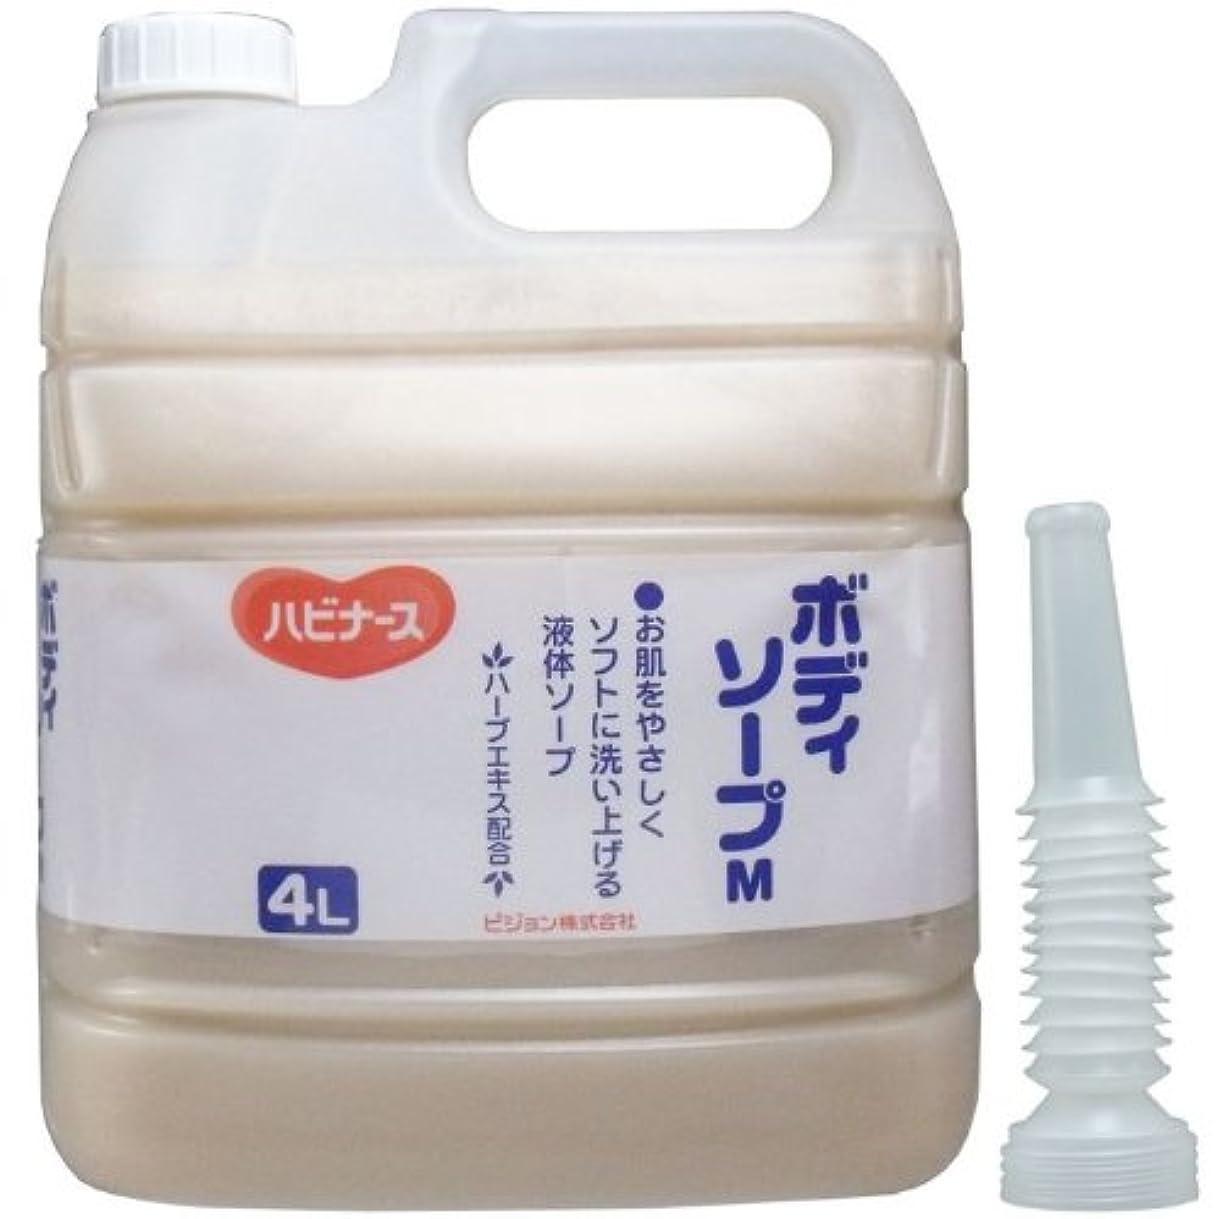 不屈麺マラソン液体ソープ ボディソープ 風呂 石ケン お肌をやさしくソフトに洗い上げる!業務用 4L【2個セット】